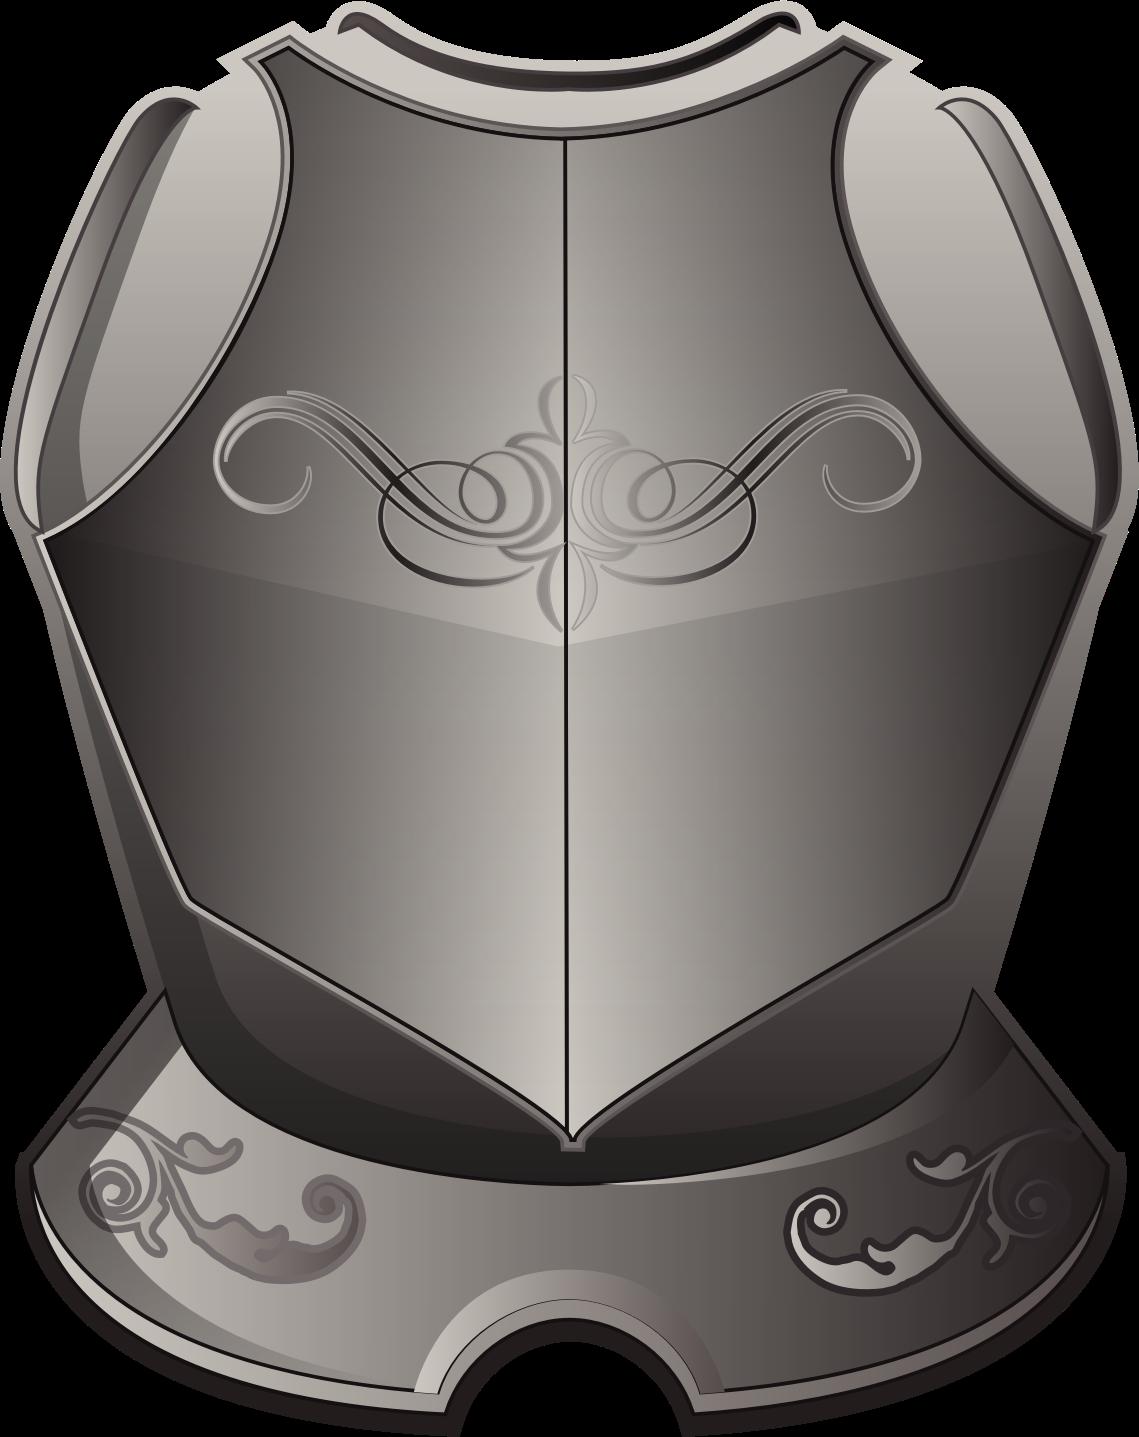 Knight clipart breastplate 3 Armor Raseone Armor 3